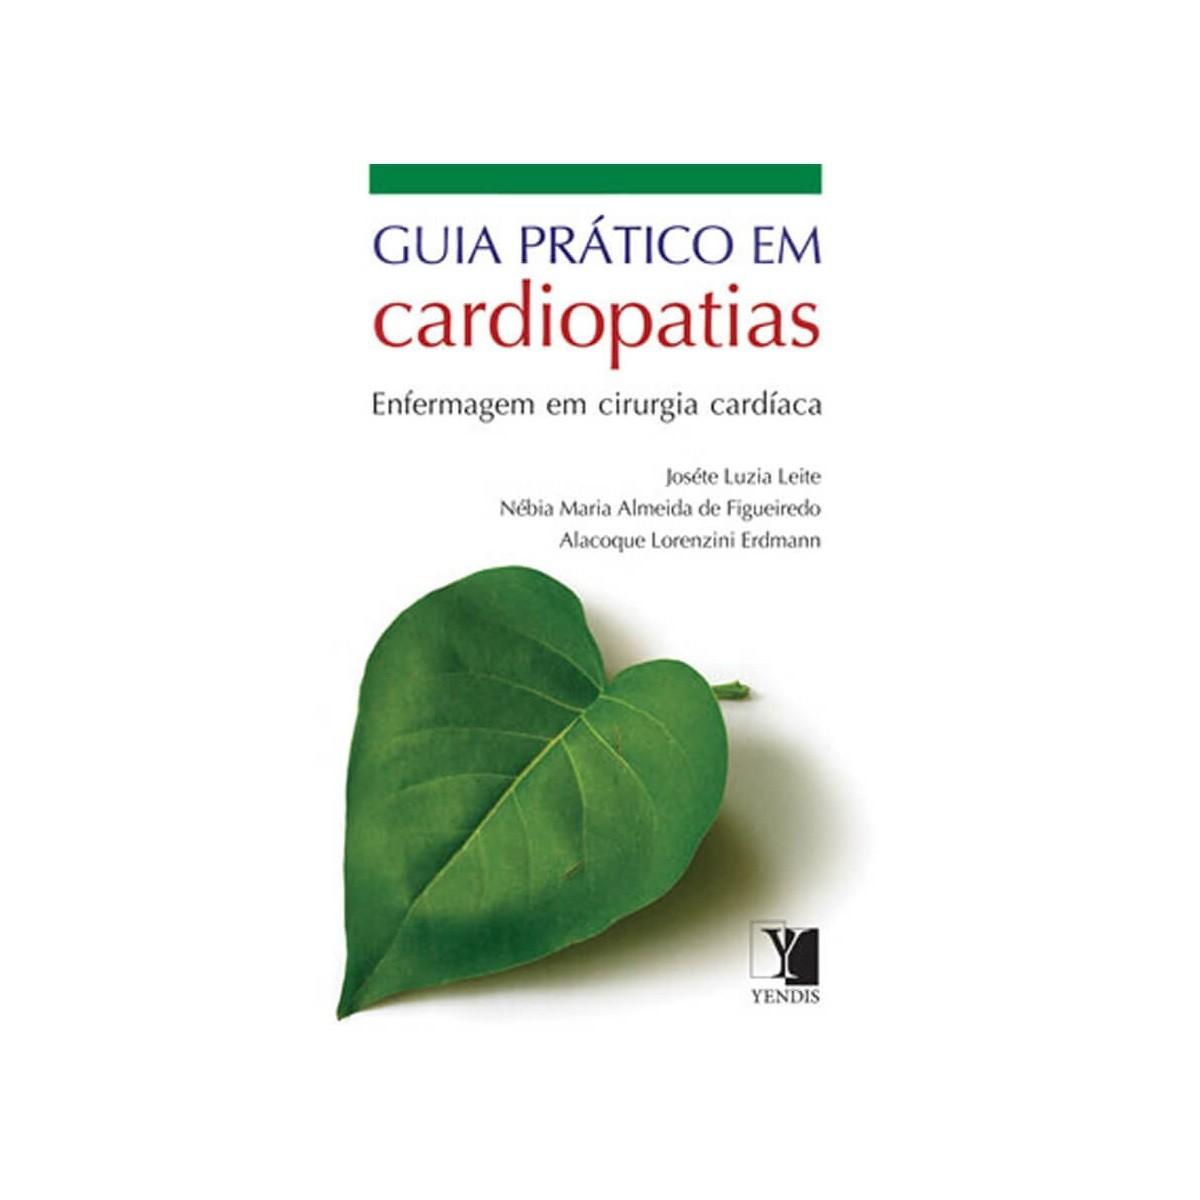 Livro - Guia prático em cardiopatias: enfermagem em cirurgia cardíaca